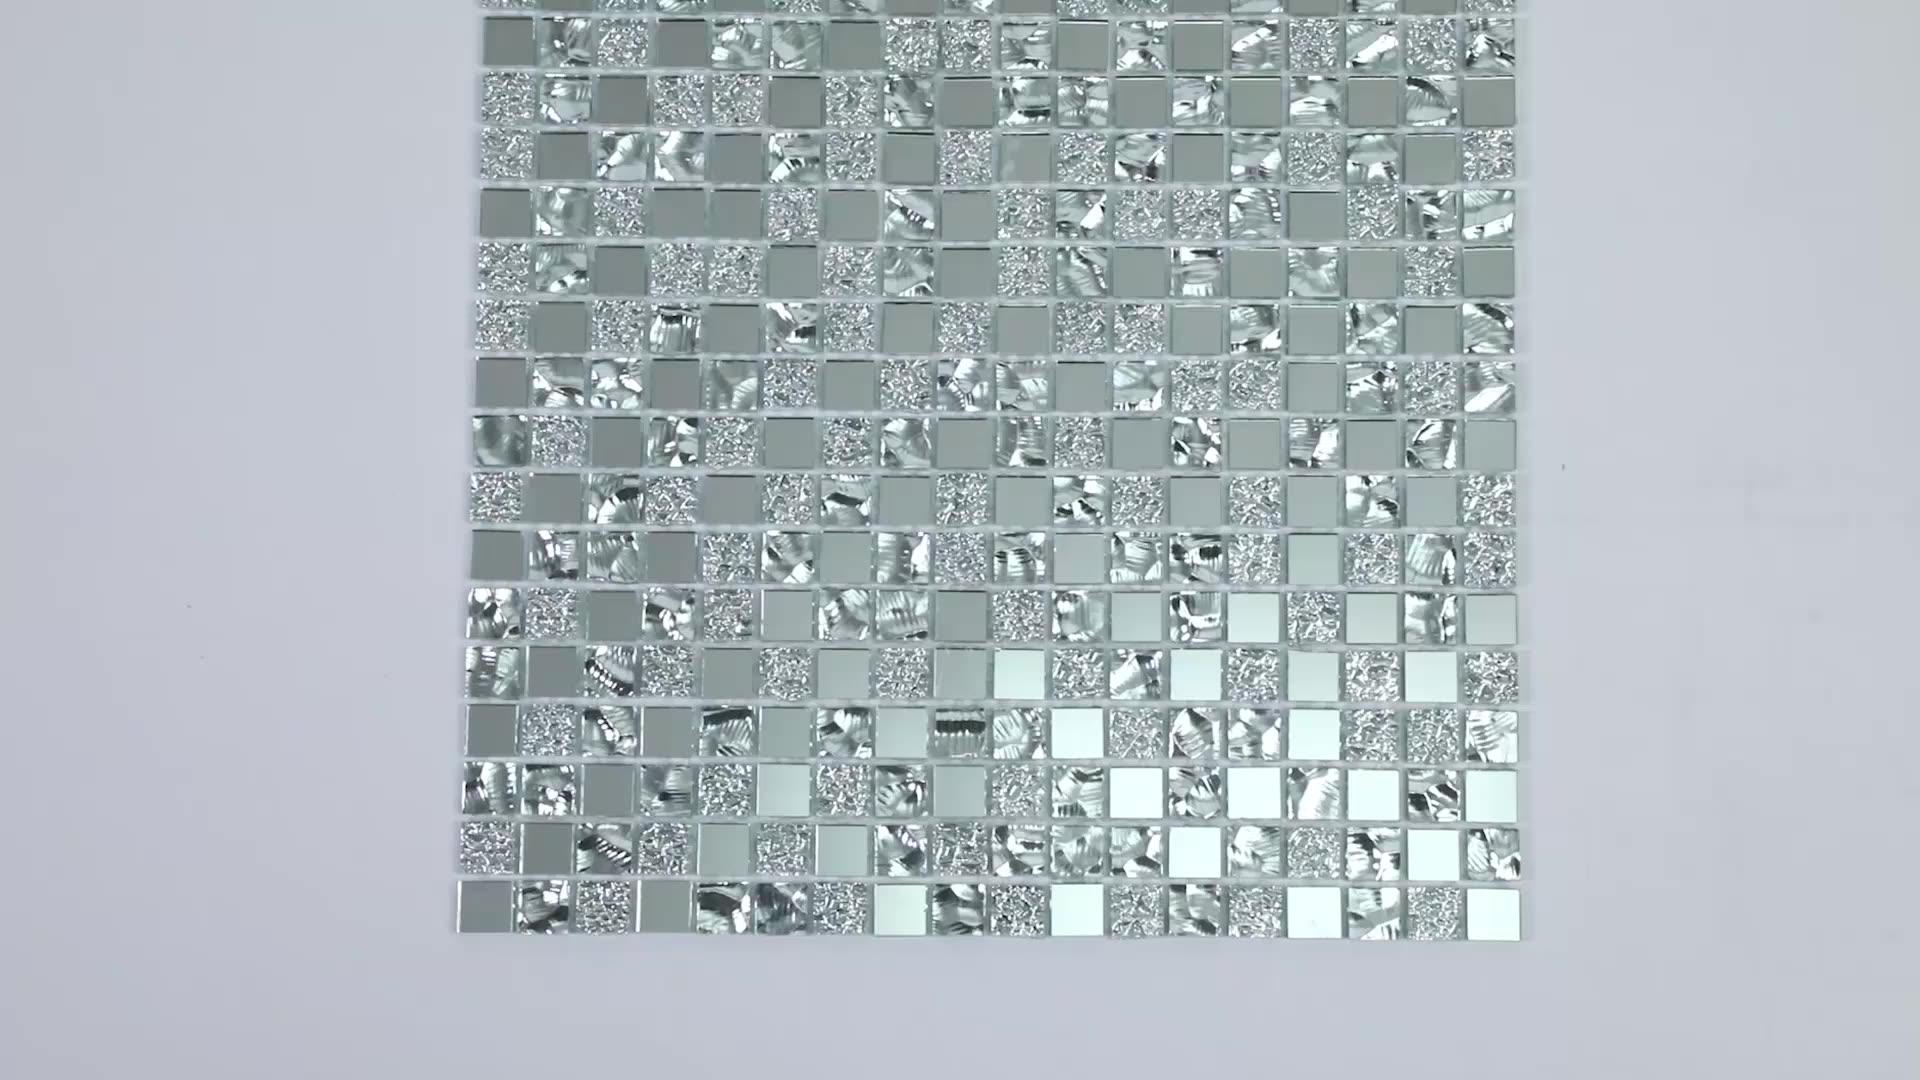 Kim Cương Vuông Antique Gương Pha Lê Gạch Mosaic Thủy Tinh Cho Tường Nhà Bếp